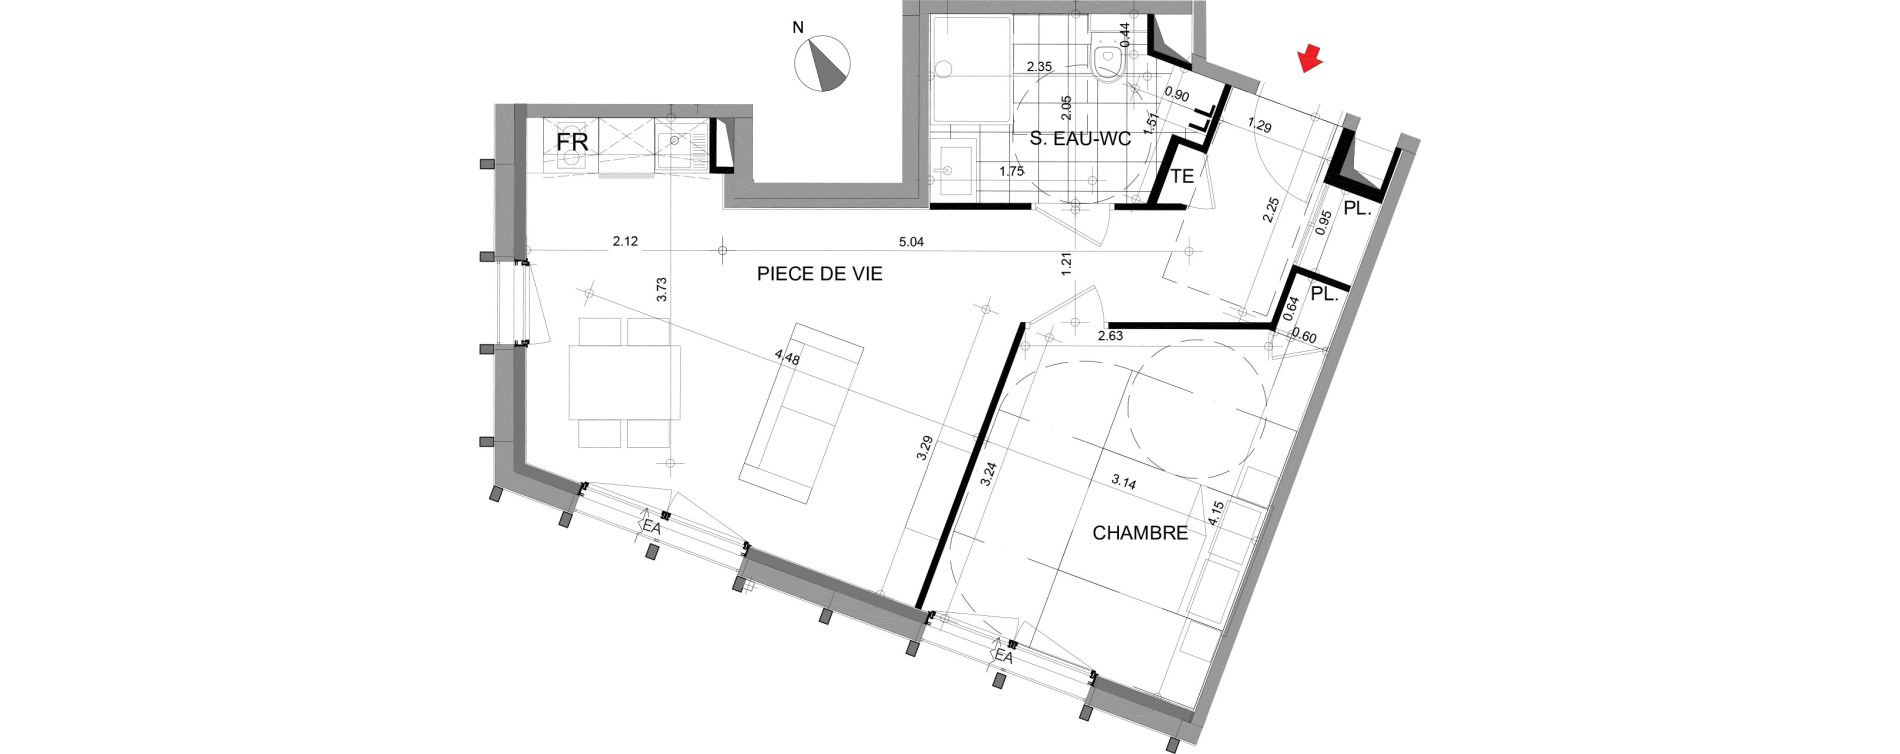 Appartement T2 meublé de 43,34 m2 à Angers Angers centre